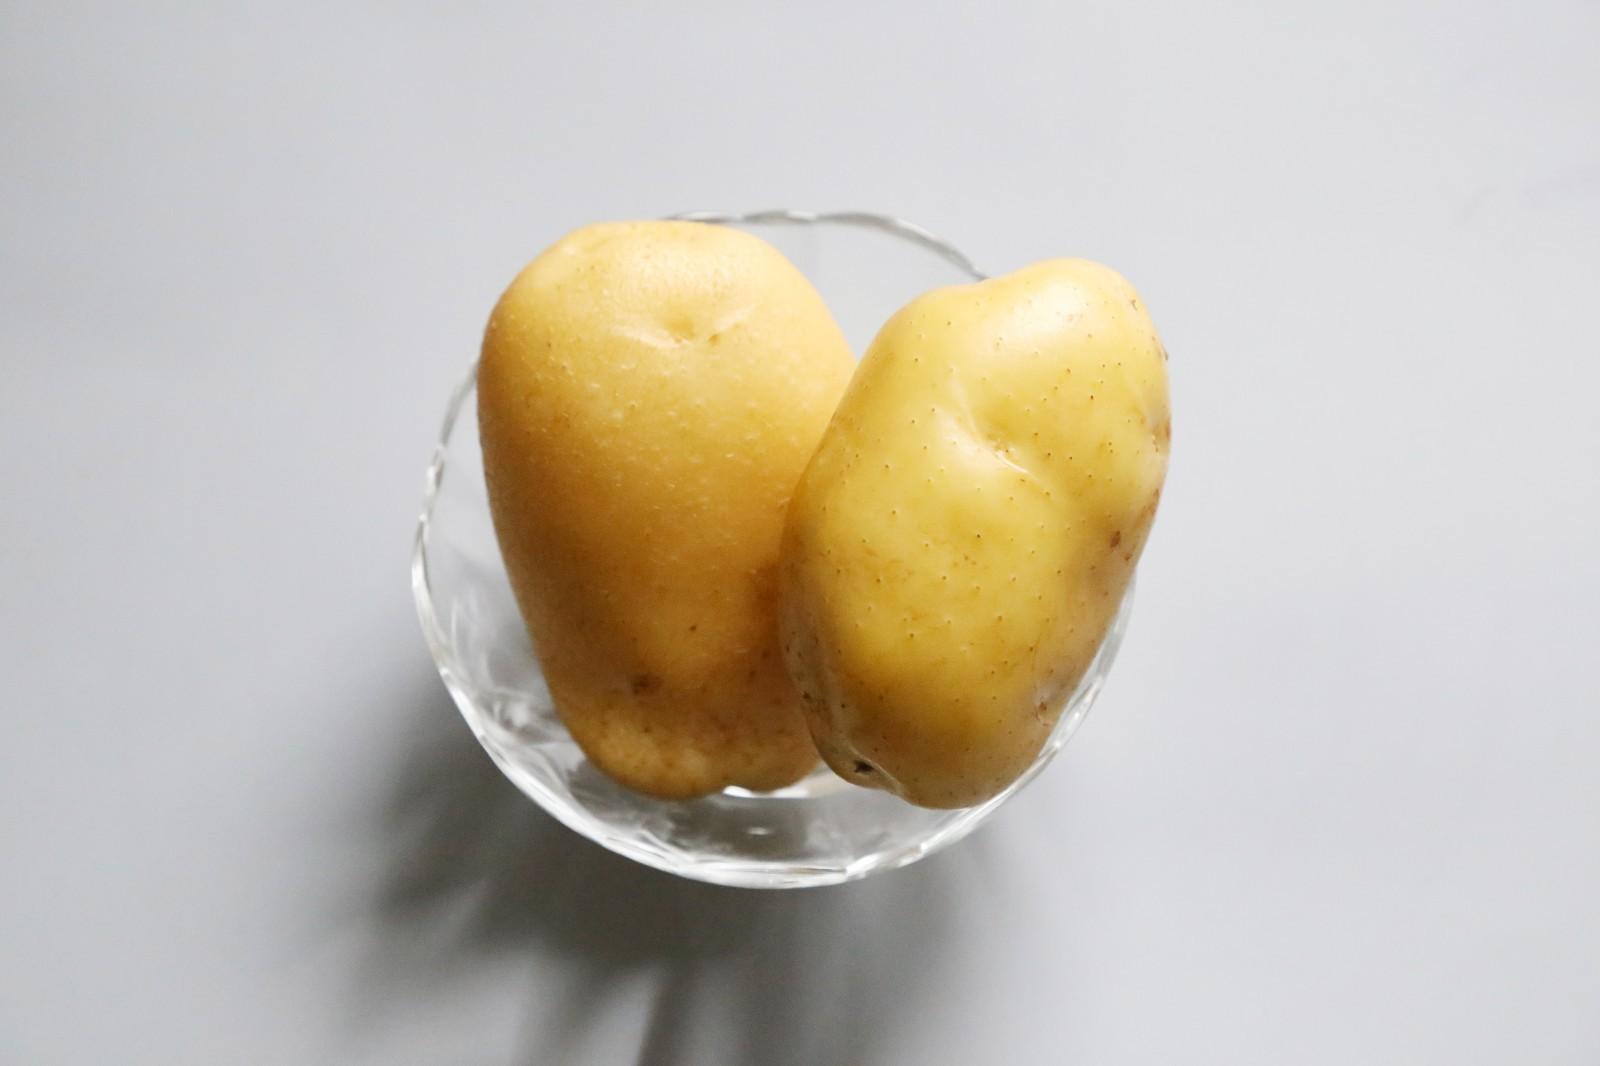 日式土豆沙拉,准备好土豆。</p> <p>选择黄心土豆,吃起来更加绵软。